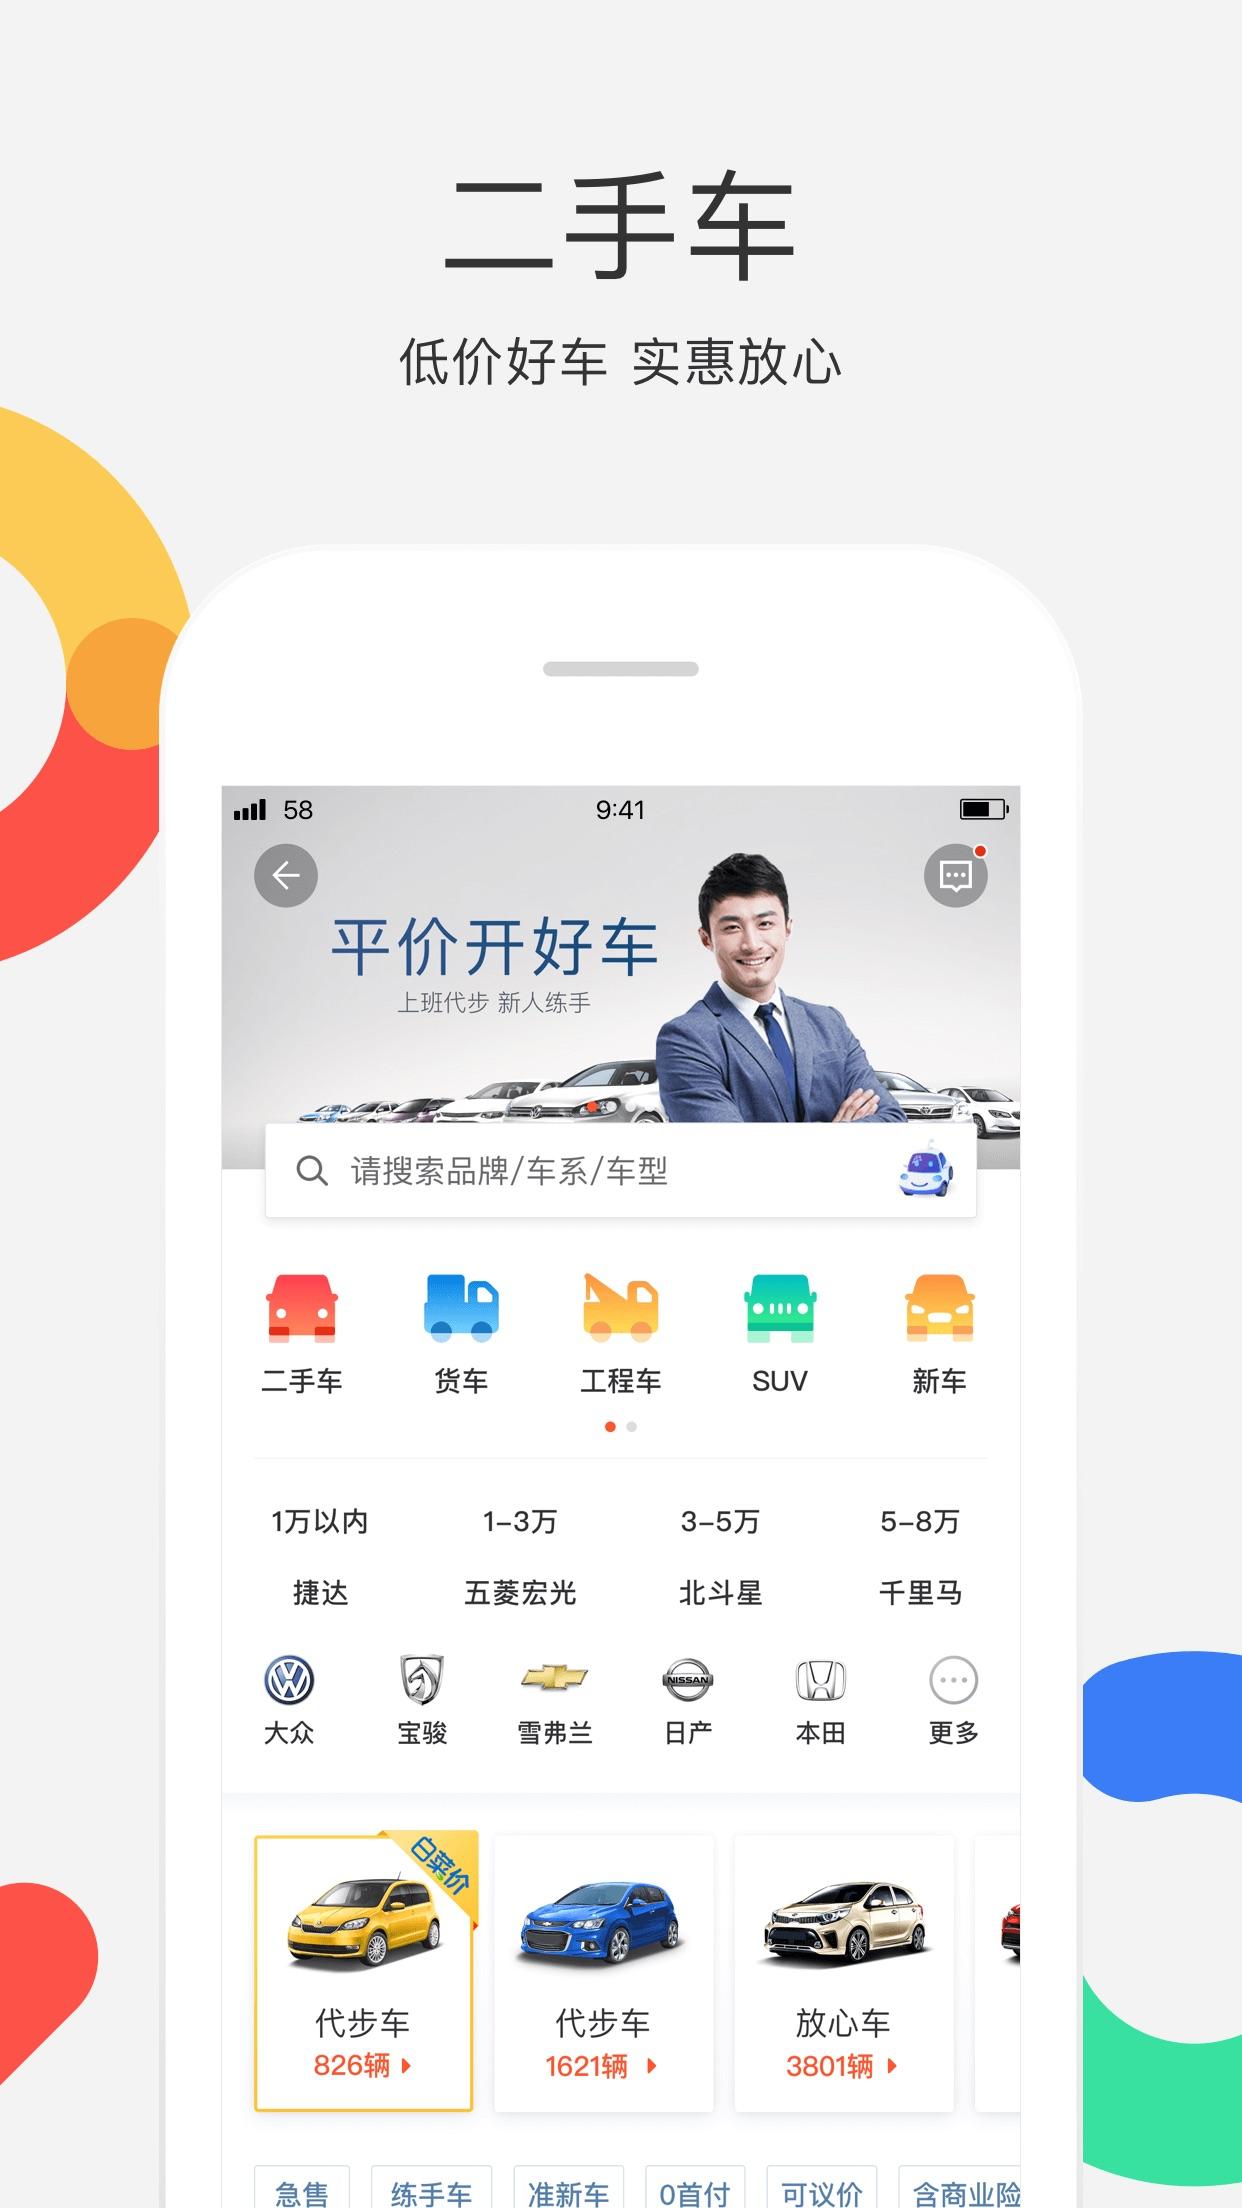 58同城-找工作招聘兼职二手房 Screenshot